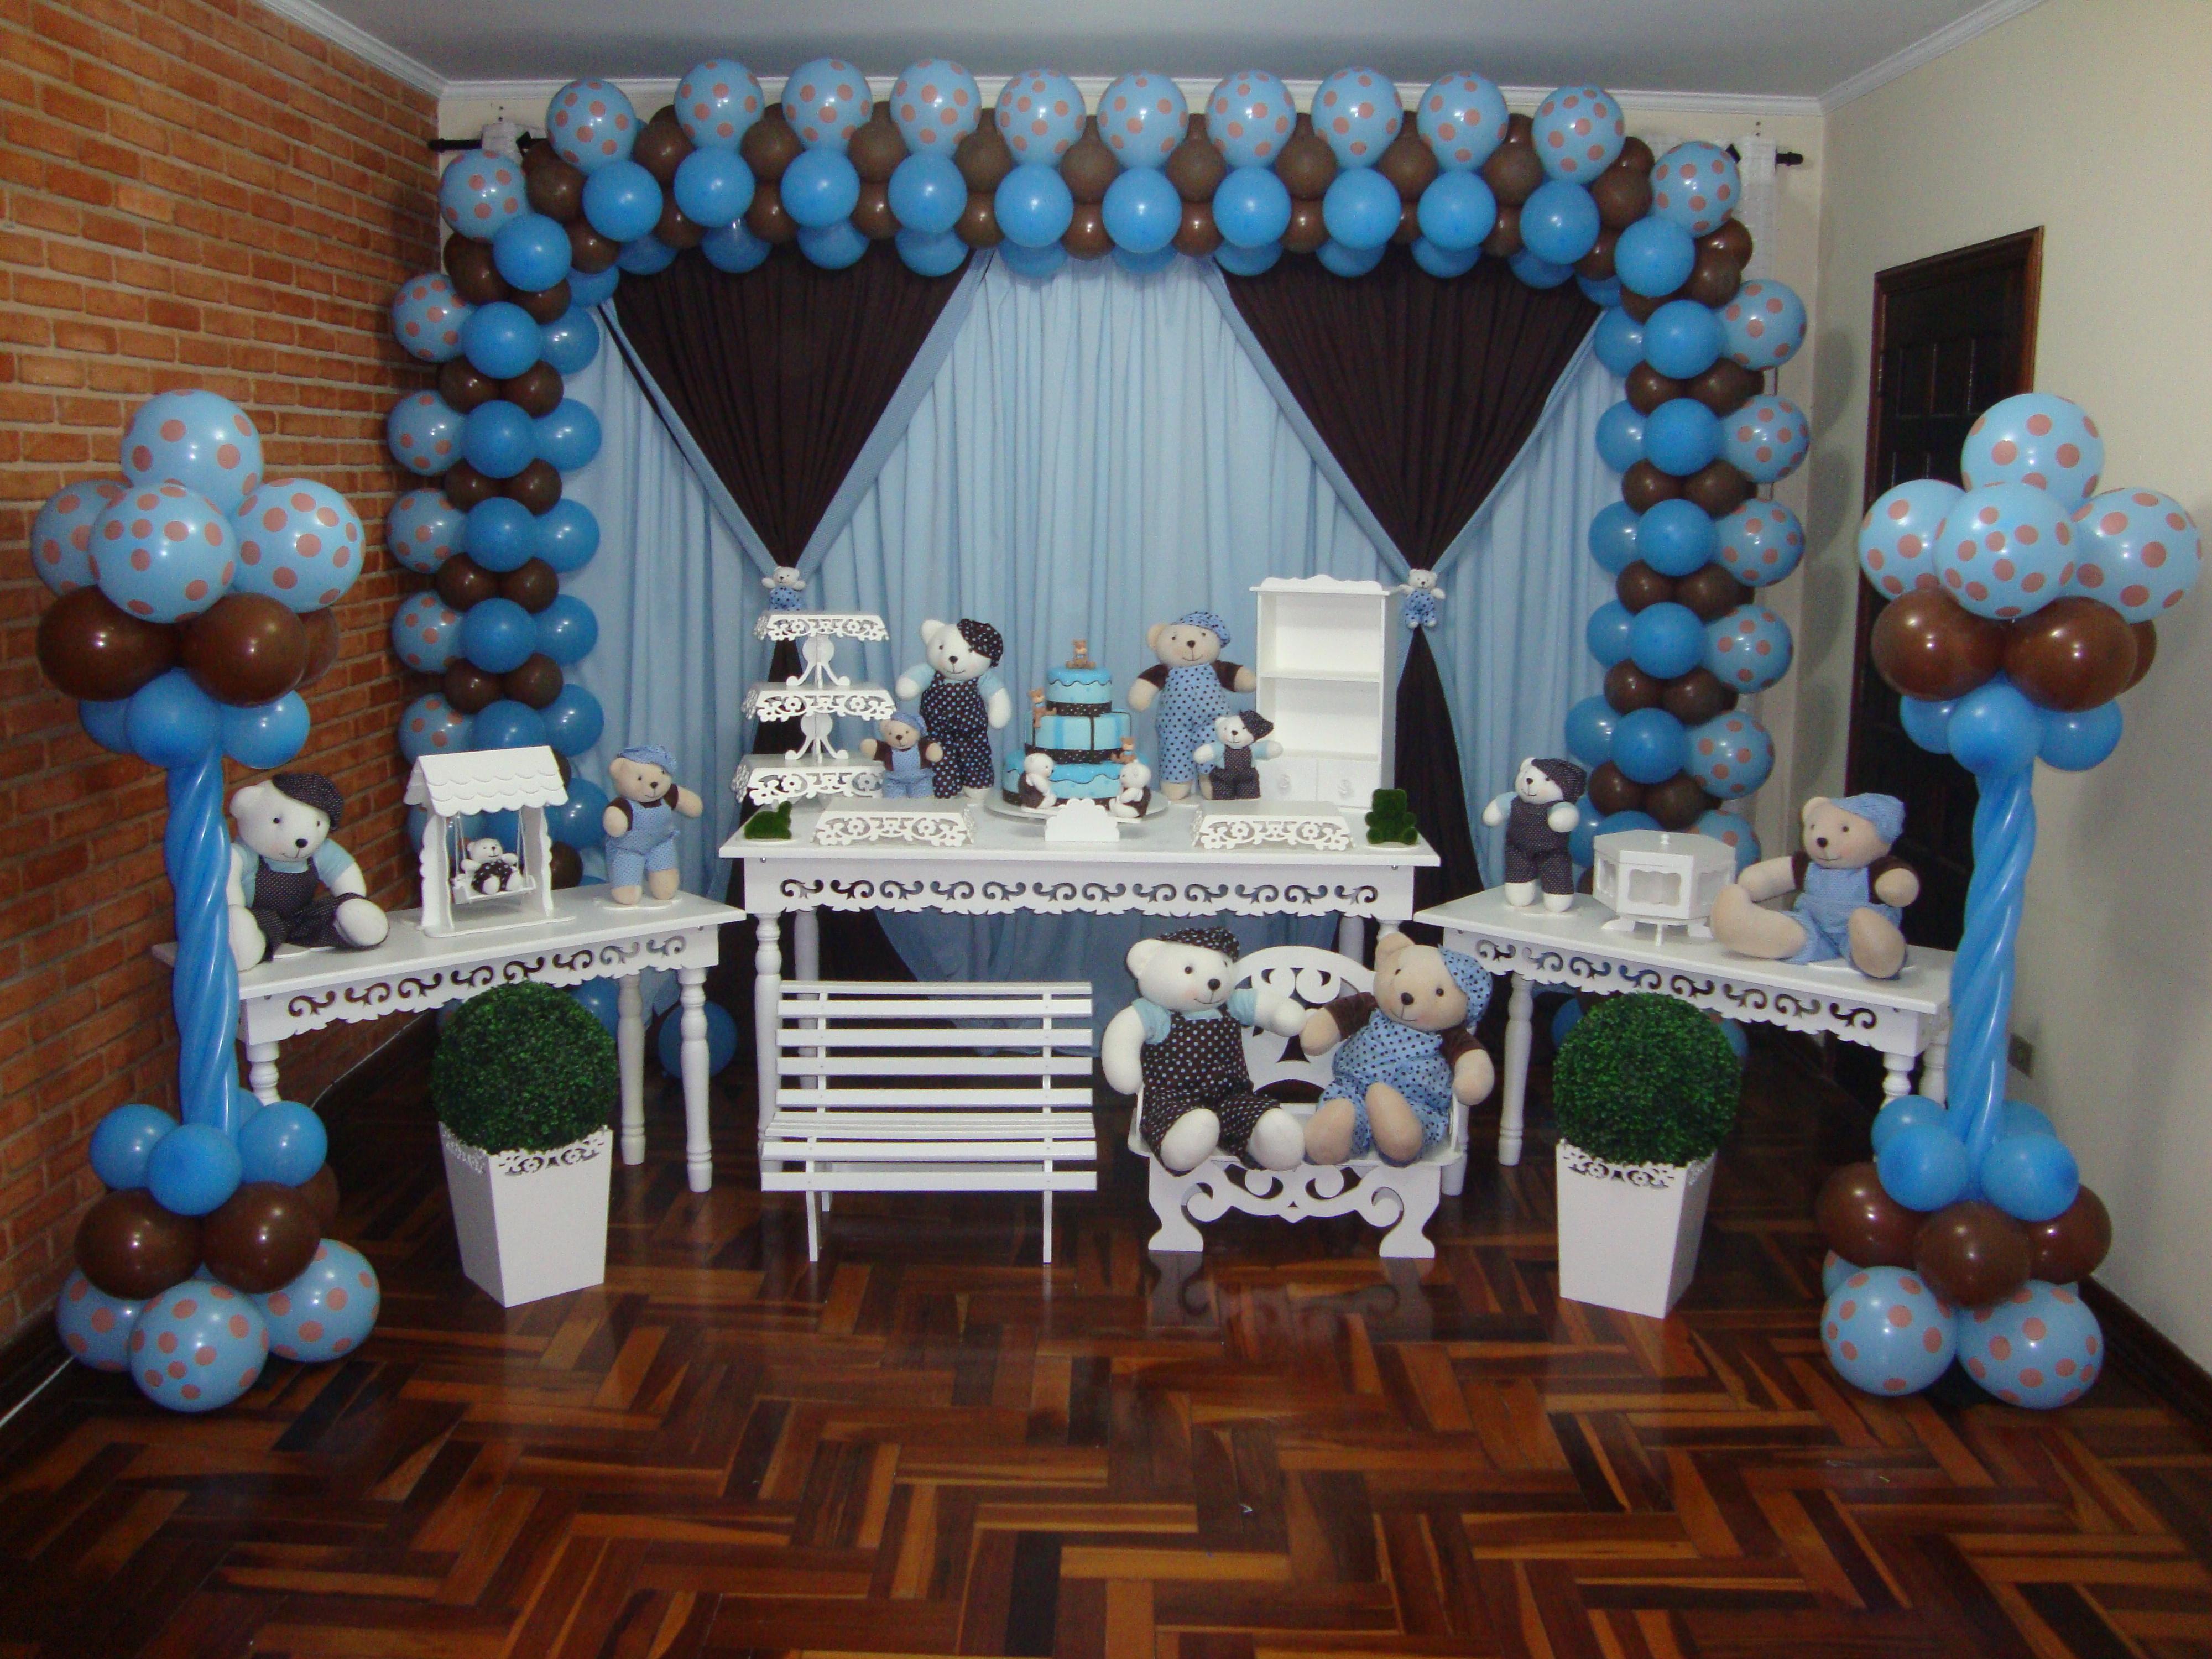 decoracao festa urso azul e marrom : decoracao festa urso azul e marrom:clean urso marrom e azul decoracao decoracao clean urso marrom e azul